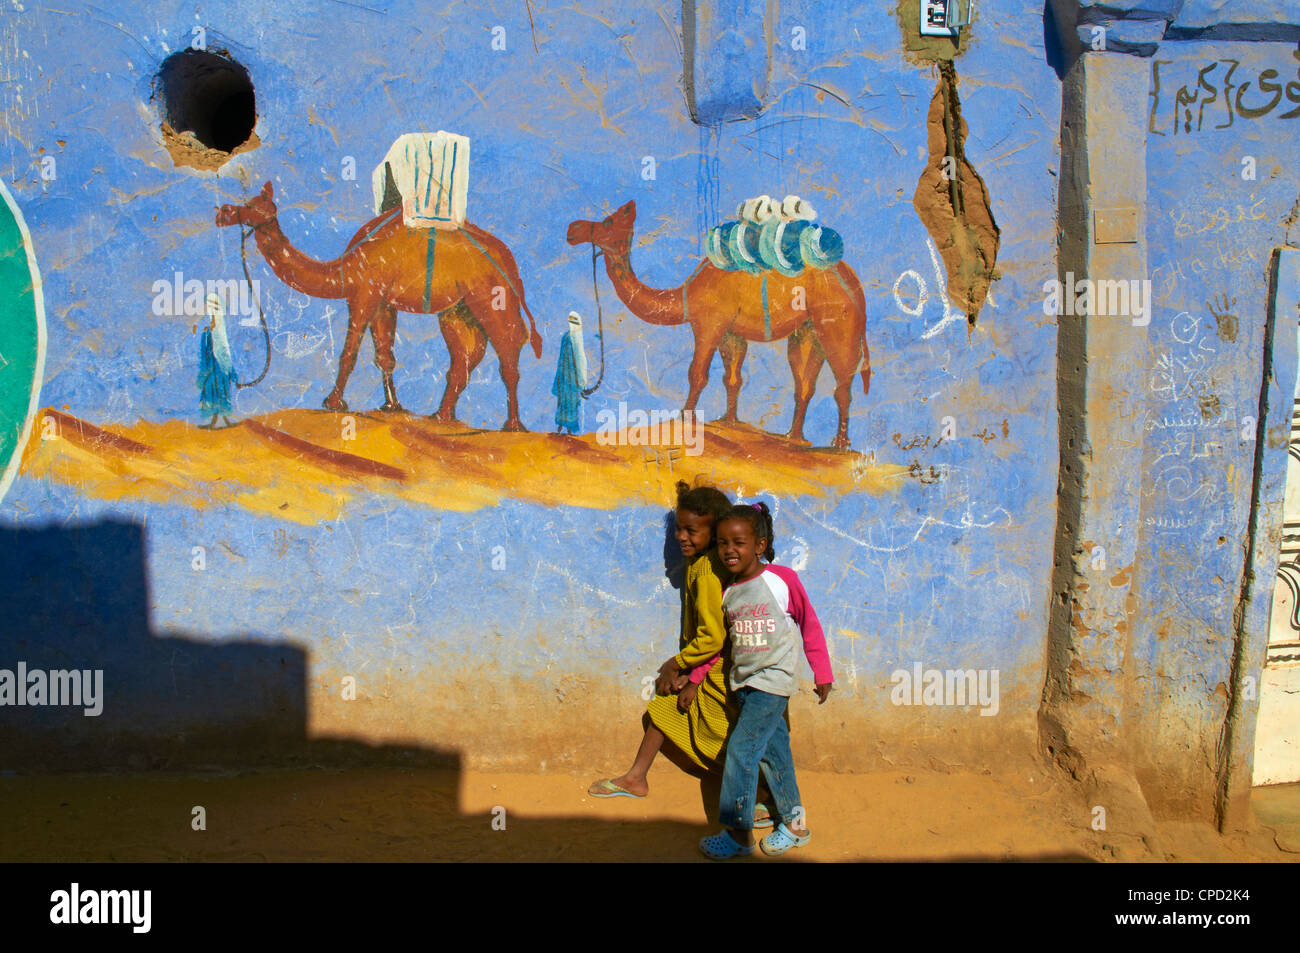 Aldea pintada de Nubia, cerca de Asuán, Egipto, el Norte de África, África Imagen De Stock